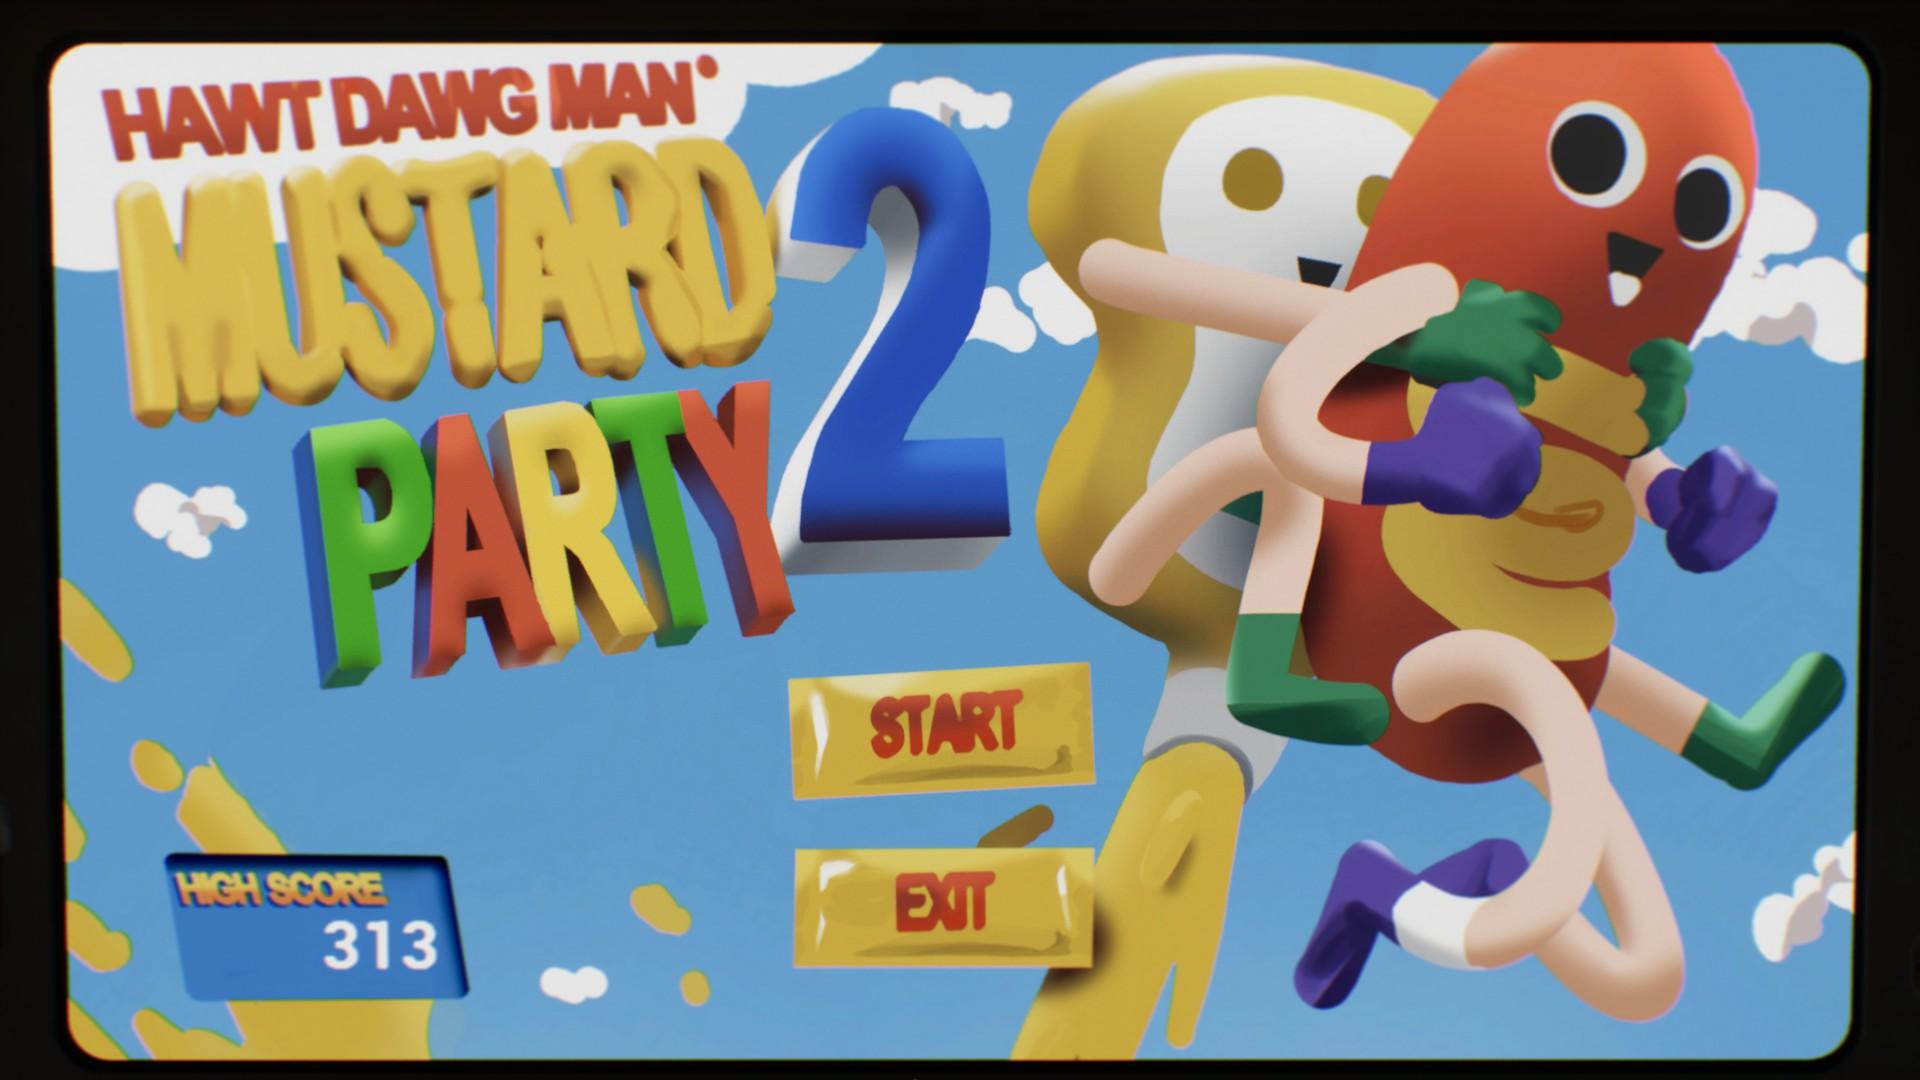 Hawt Dawg Man: Mustard Party 2